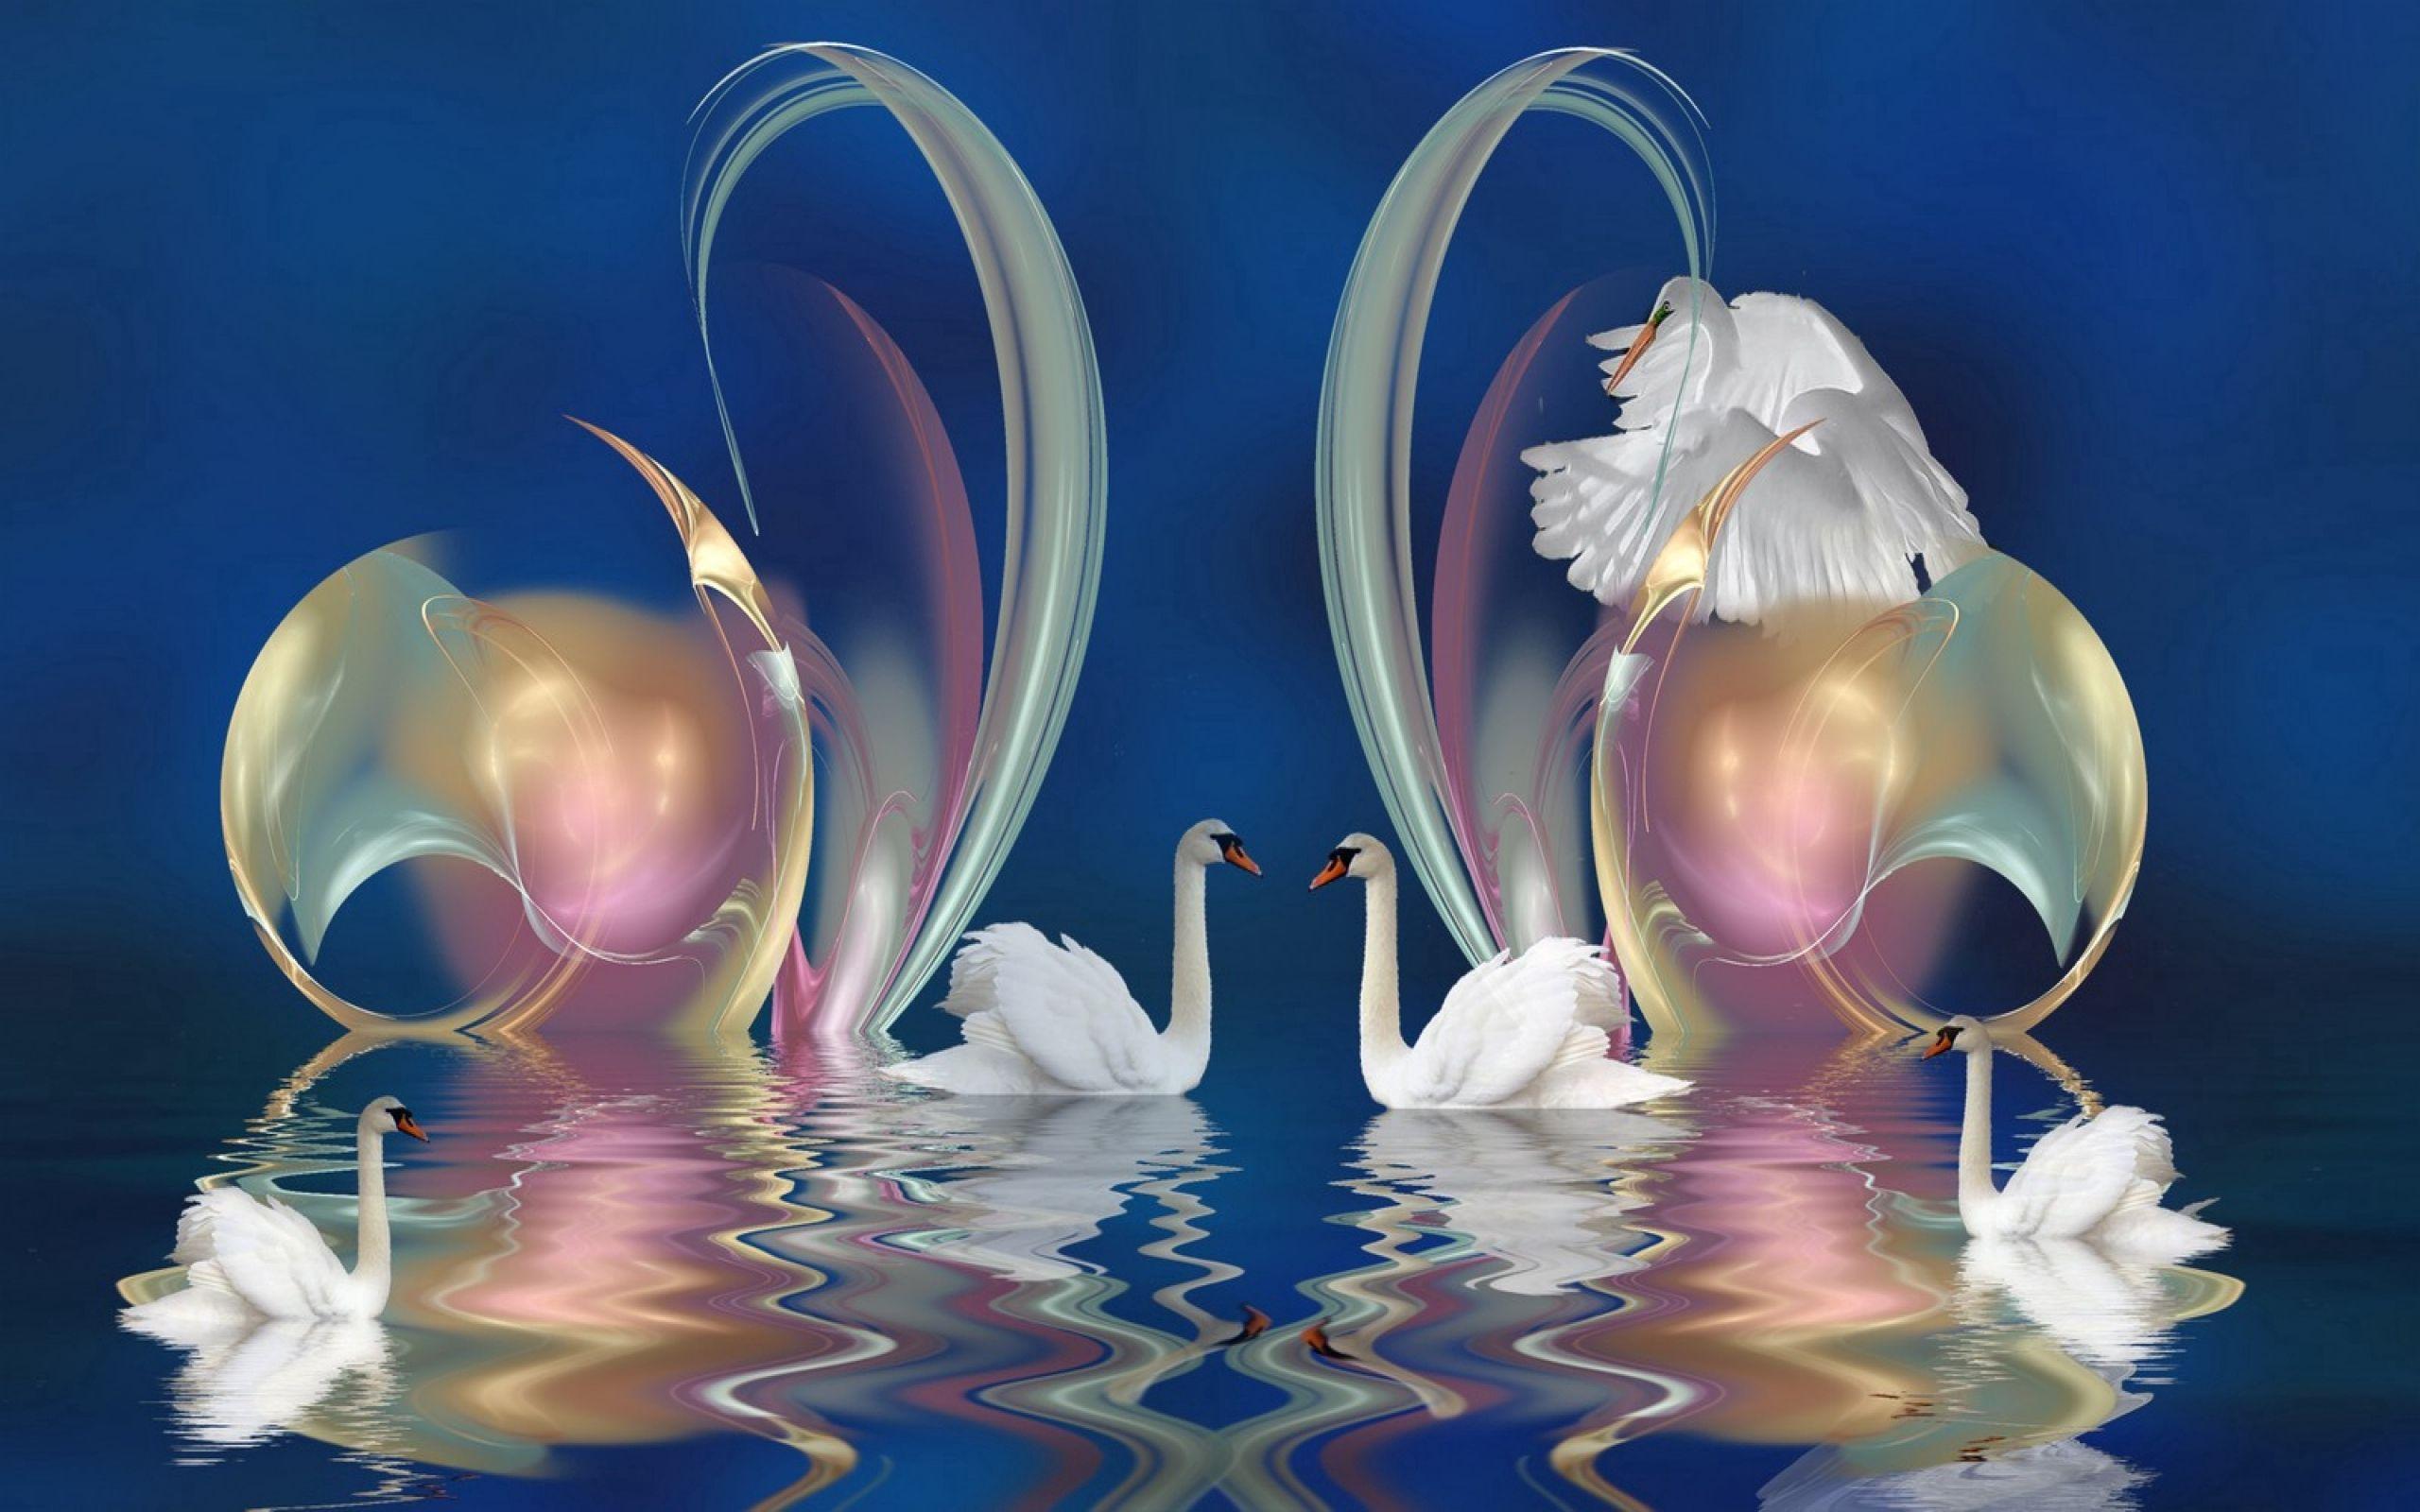 98911 Hintergrundbild herunterladen Patterns, Abstrakt, Swans, Schwimmen, Hübsch, Es Ist Wunderschön - Bildschirmschoner und Bilder kostenlos